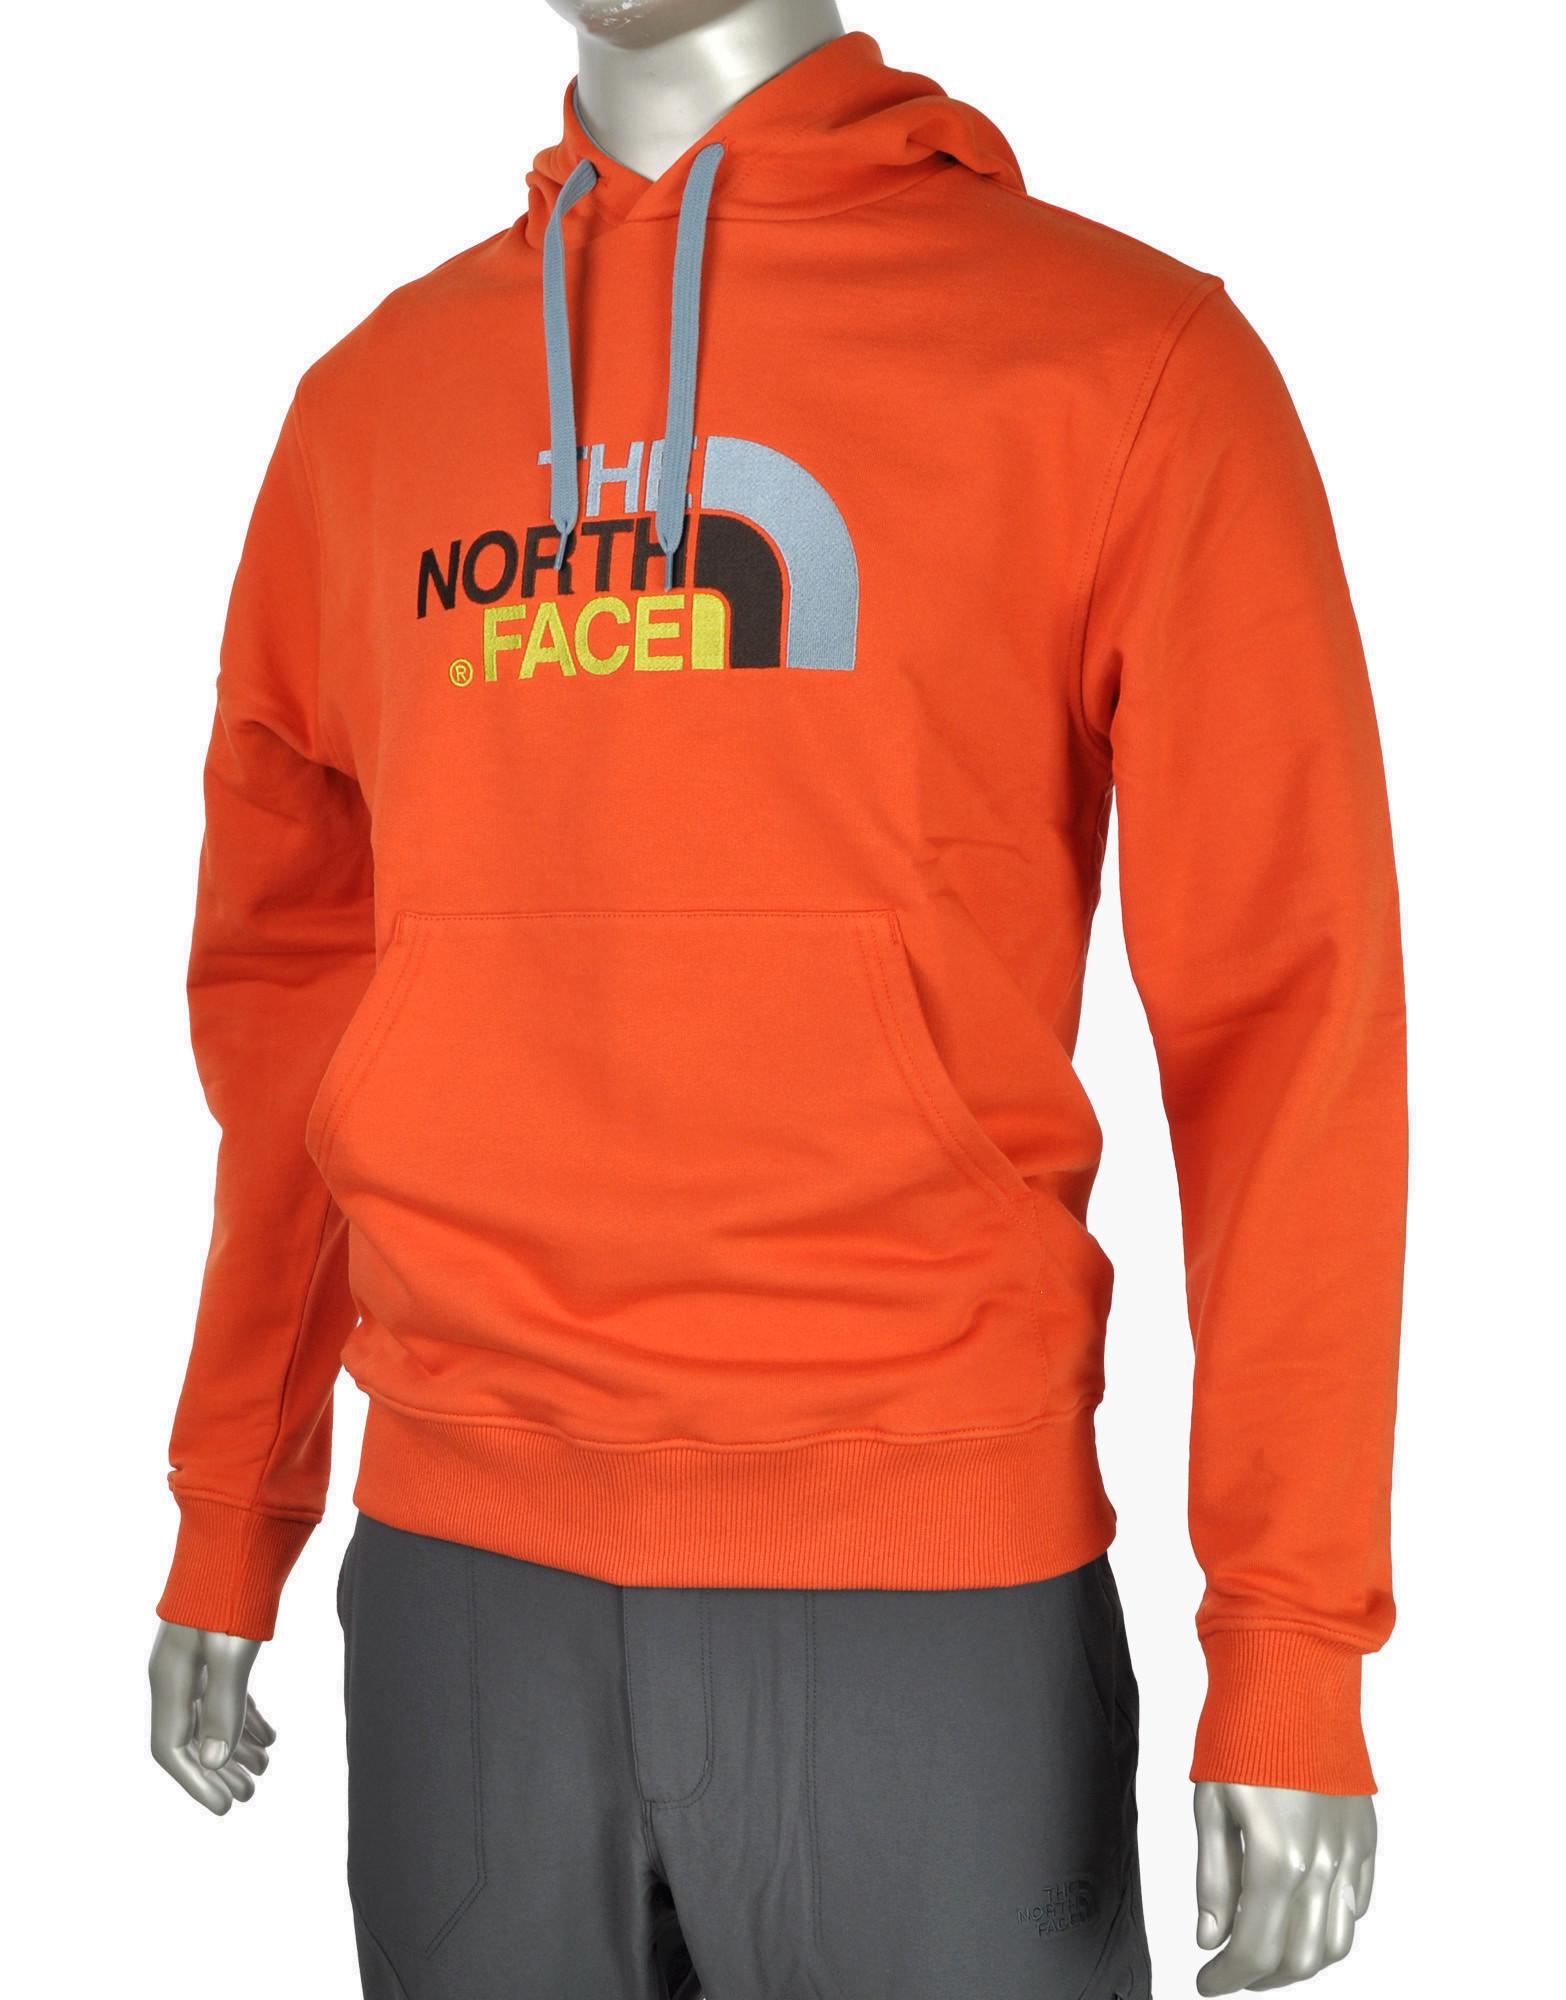 North Face Hoodie Orange